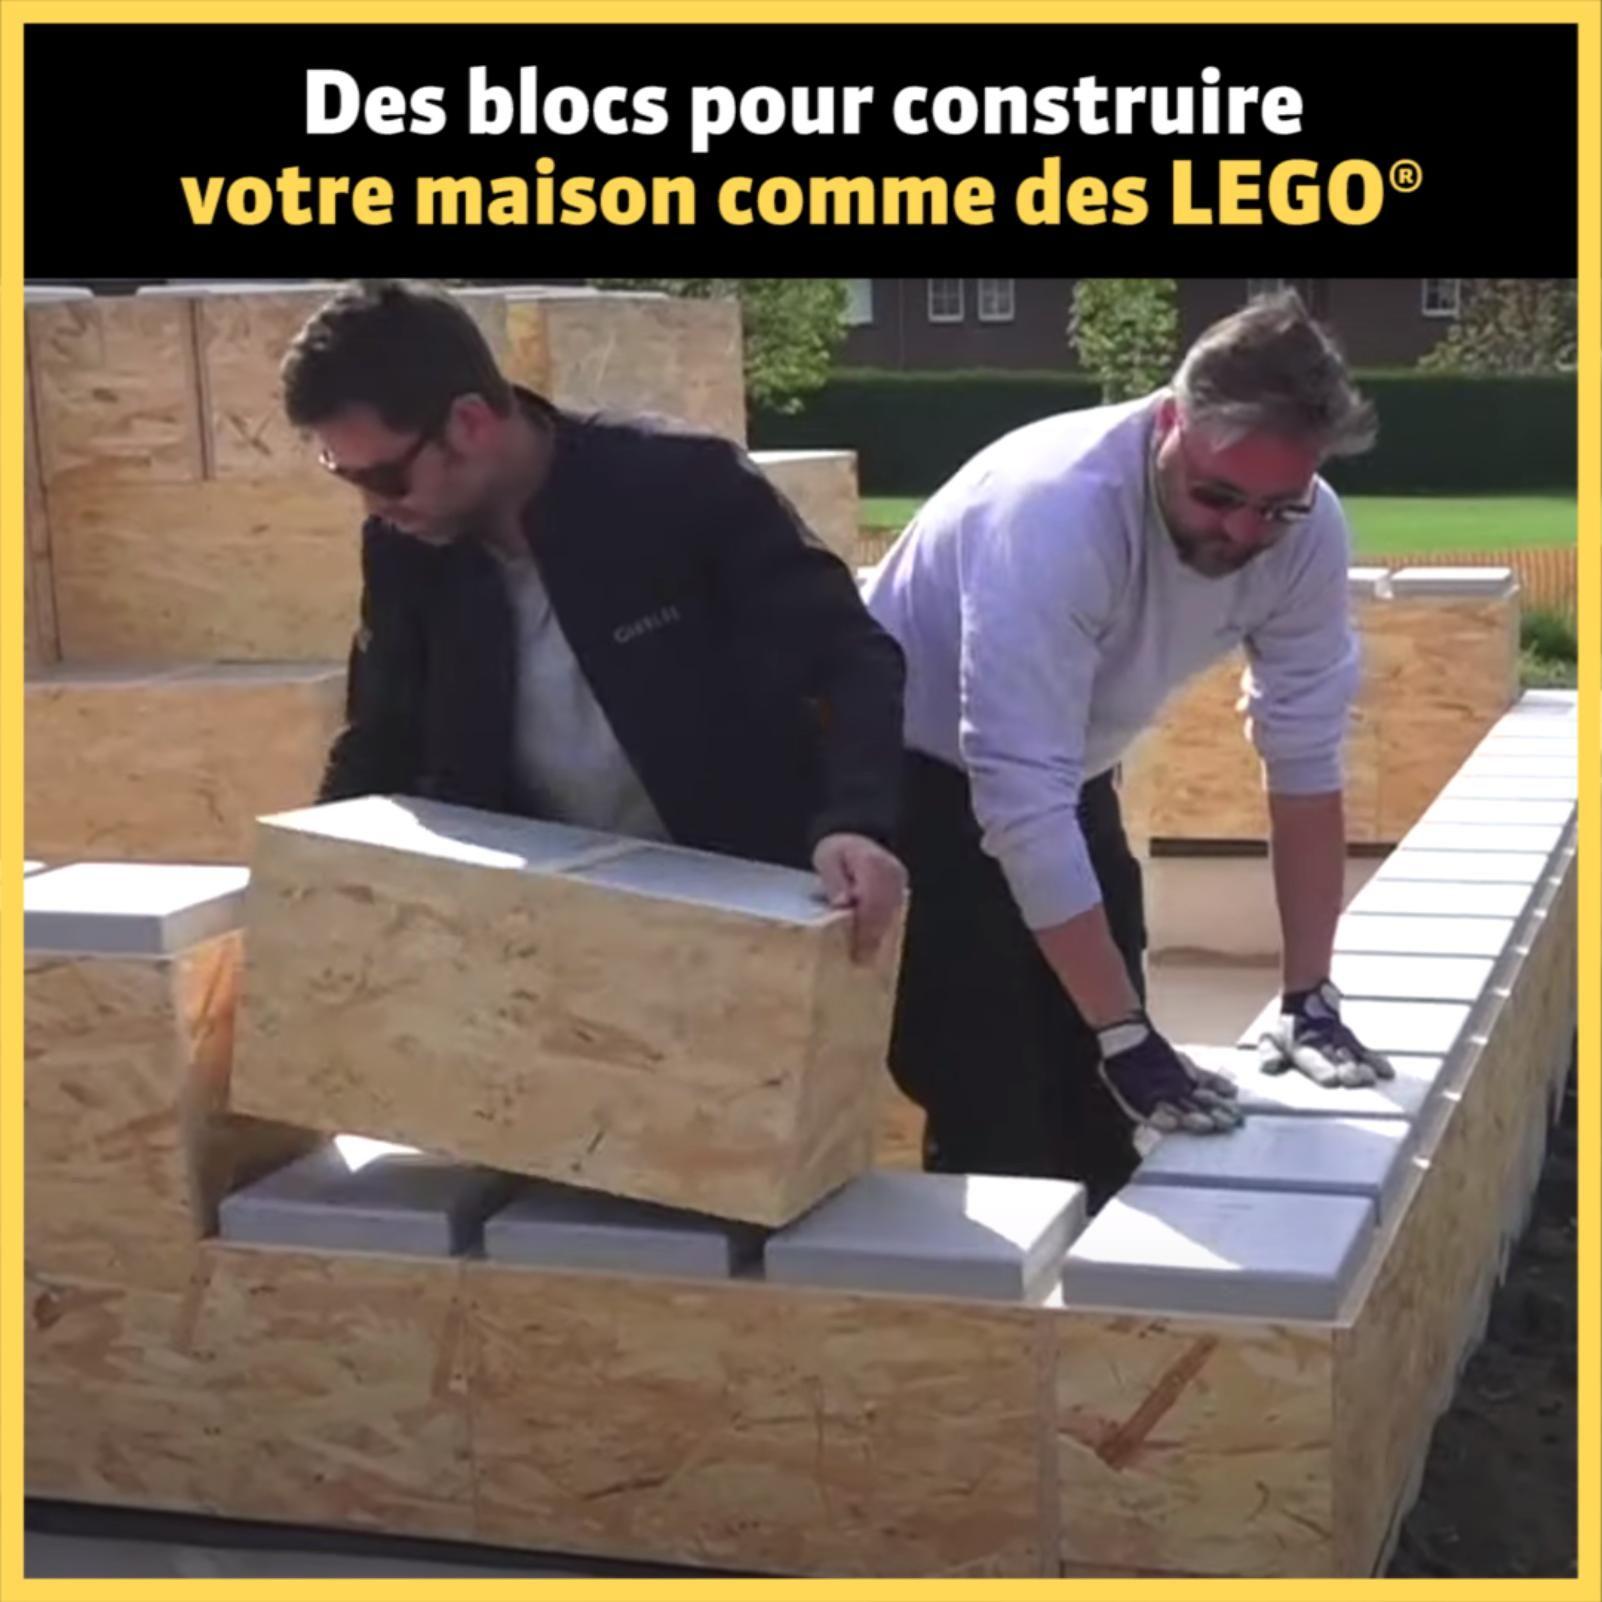 Gablok : des blocs pour construire votre maison co